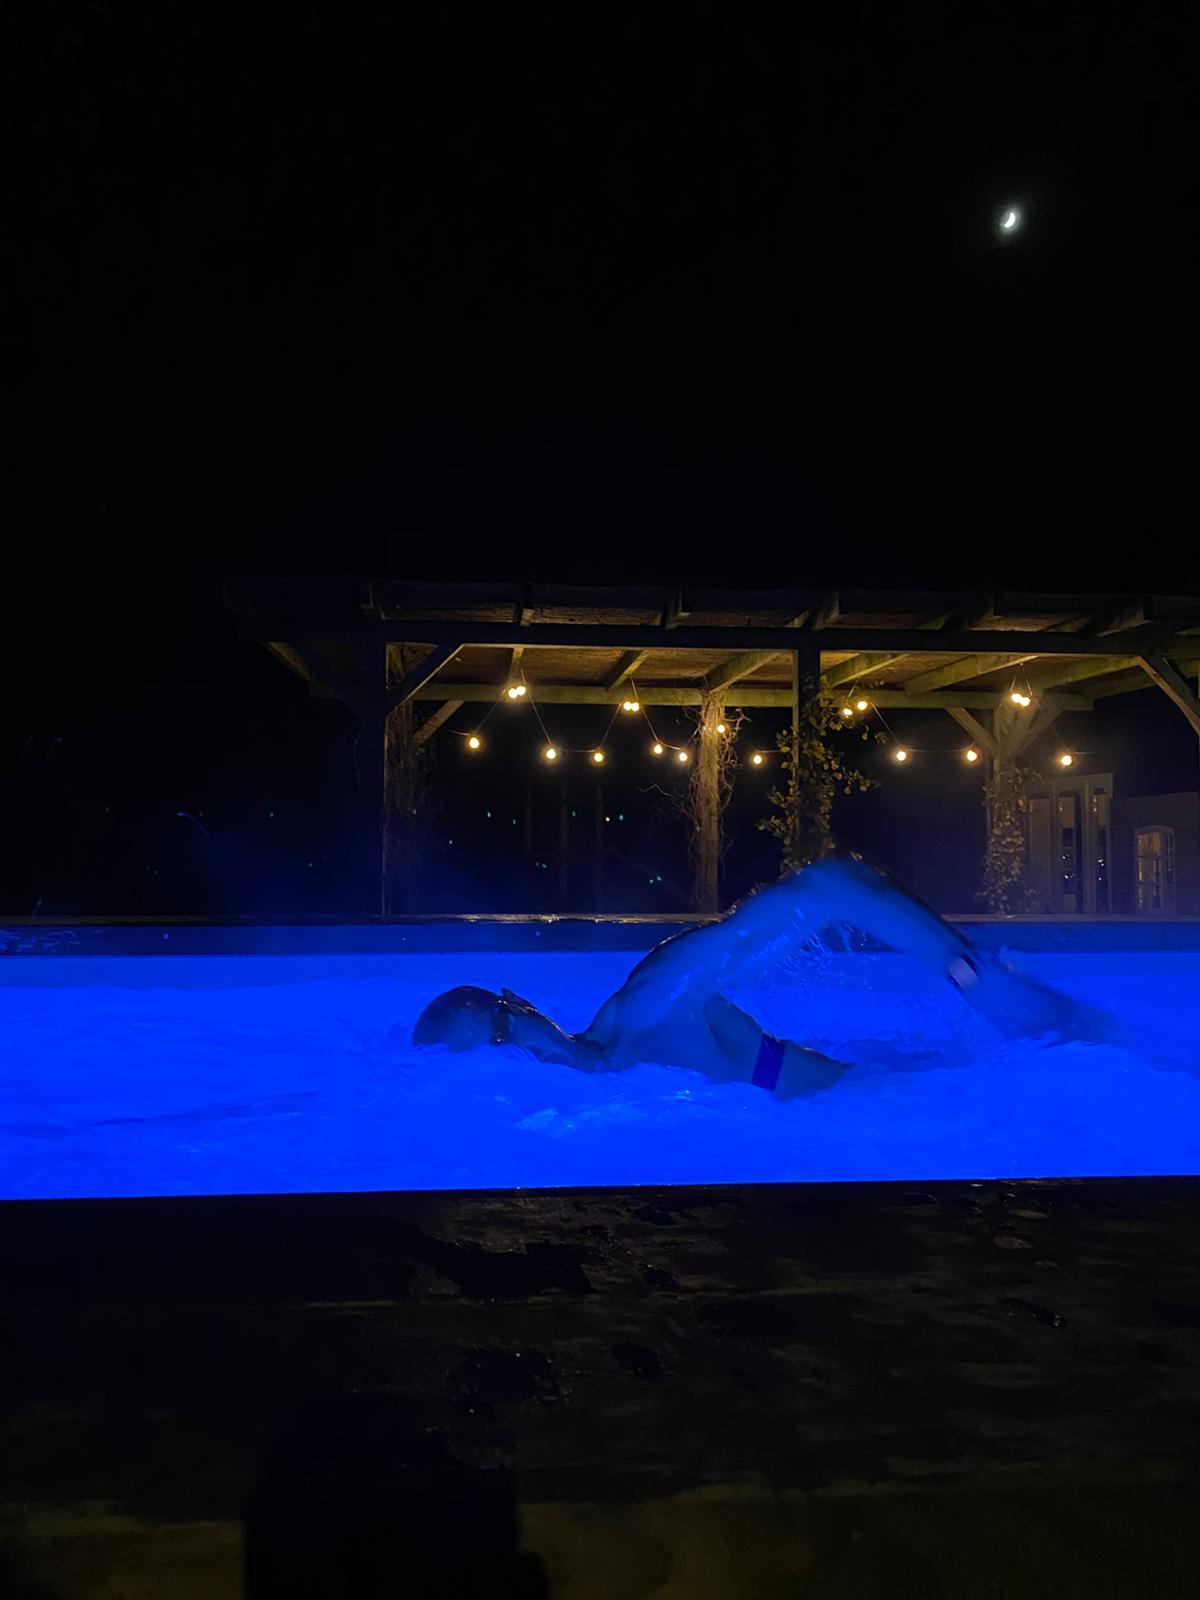 Een foto van Maarten van der Weijden in zijn zwembad